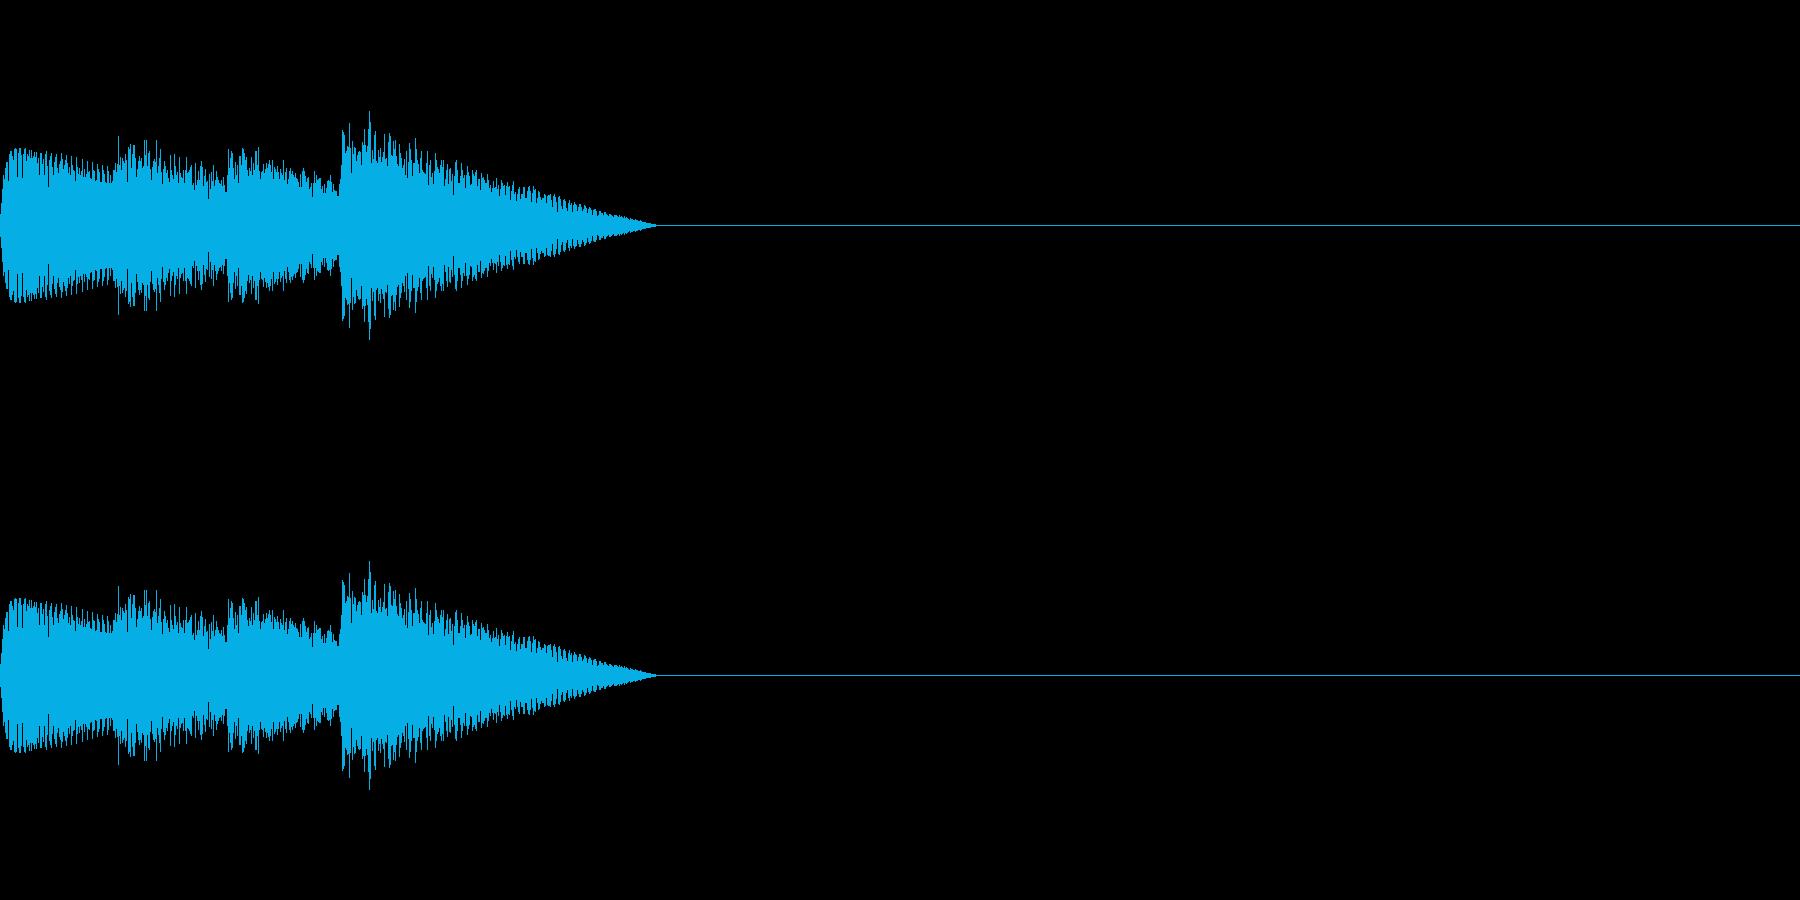 「ピロリロ♪」レトロゲーム風アイテムの再生済みの波形